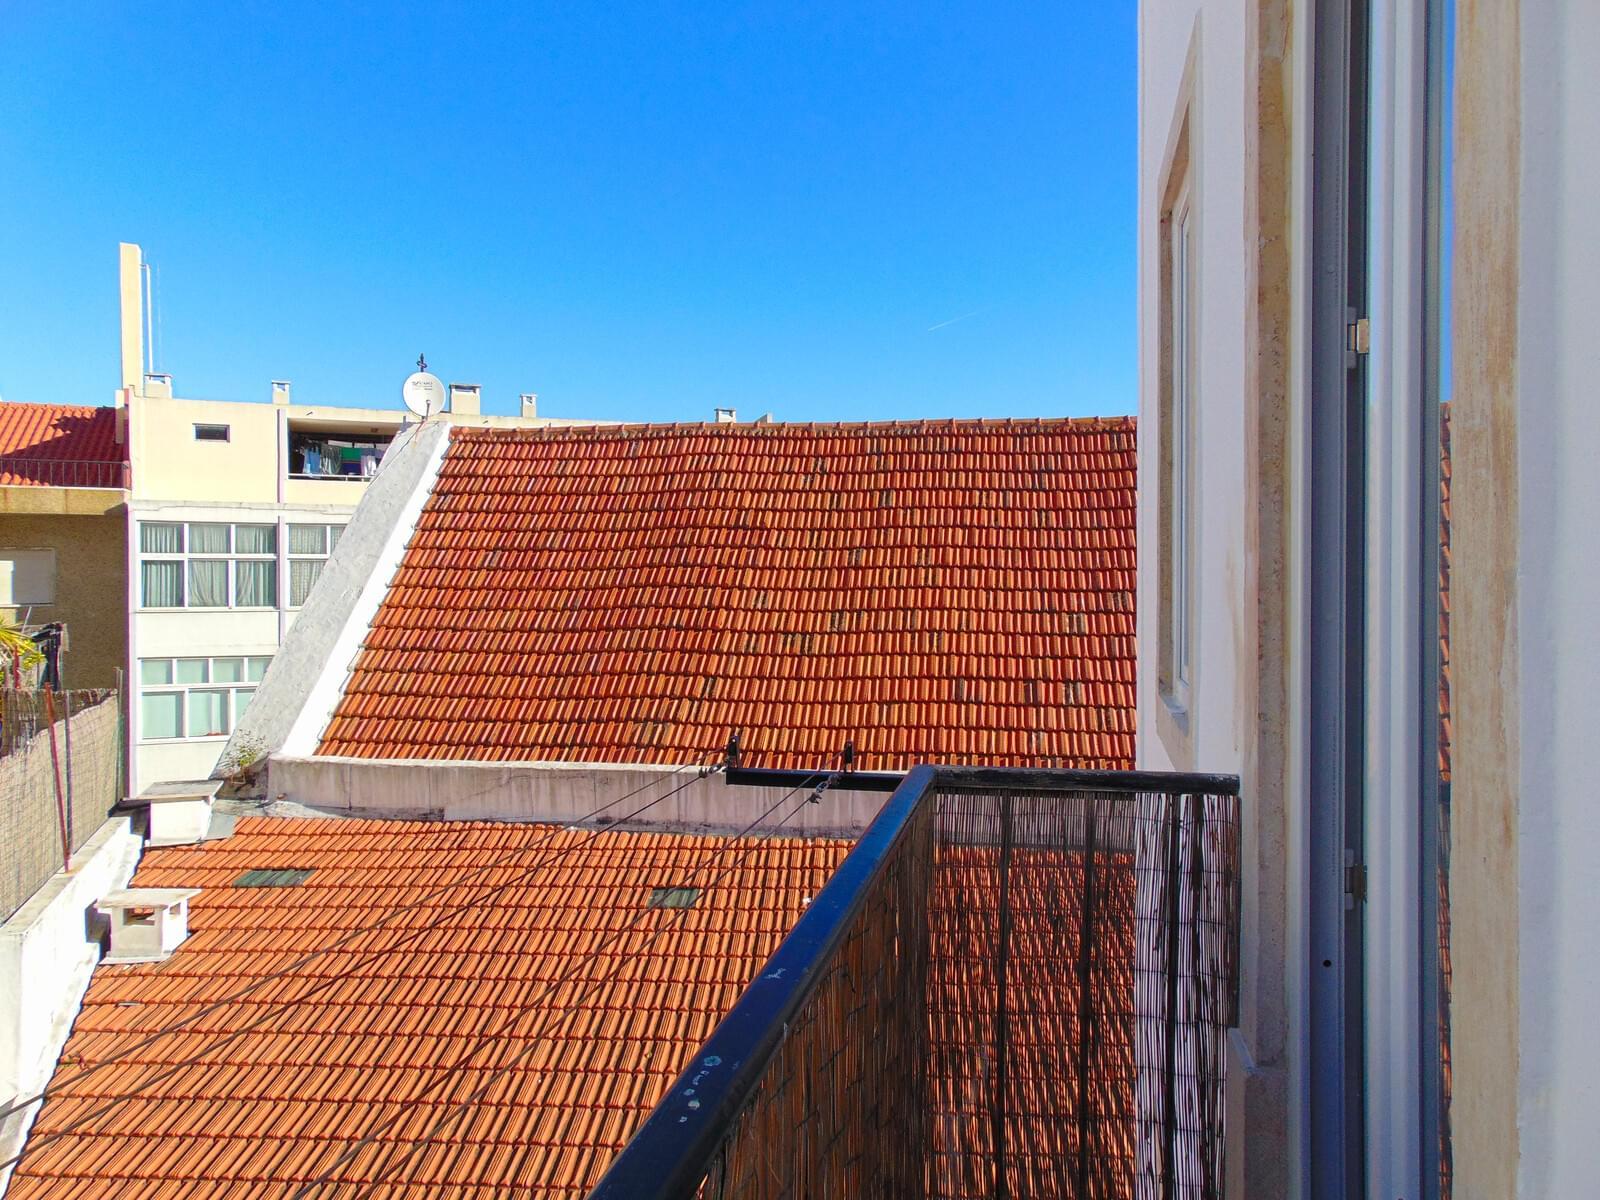 pf18269-apartamento-t1-lisboa-c0077118-0b05-4d09-9195-7dbdf21a1393